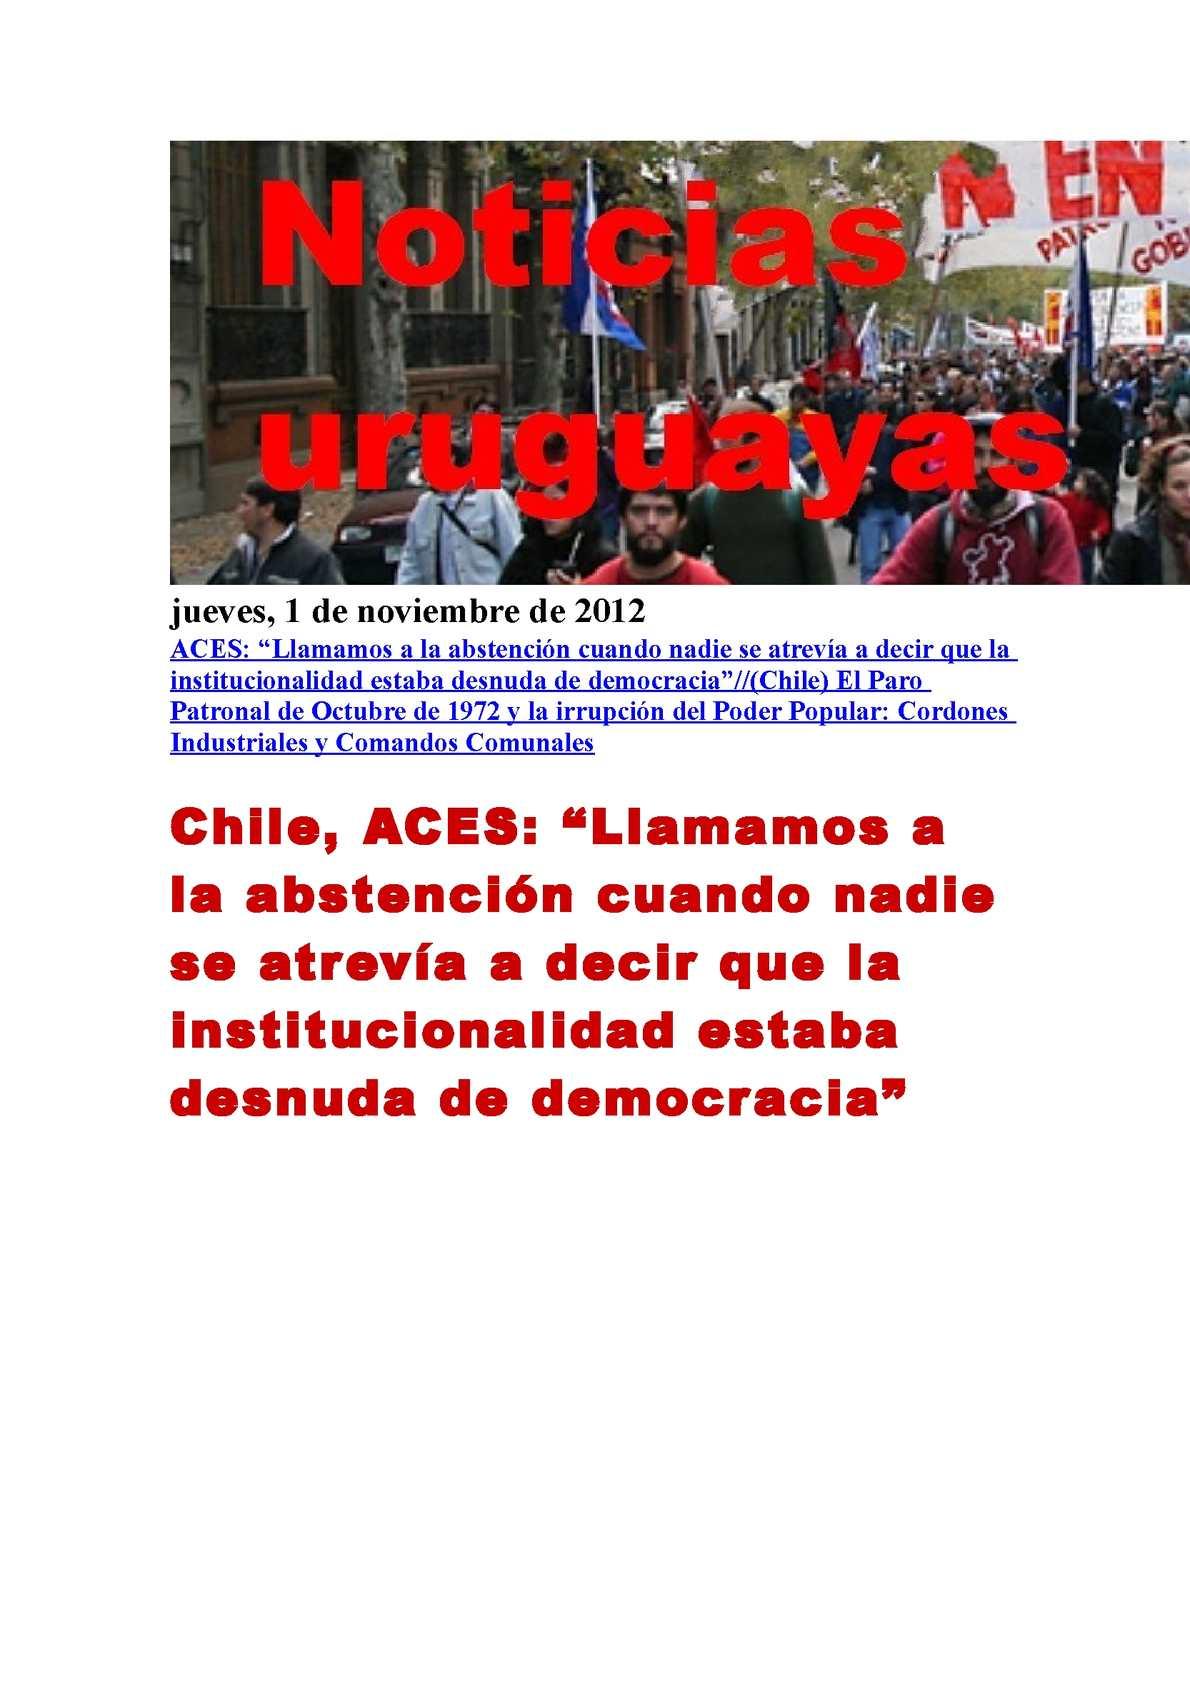 Al Entregar Una Pizza Sale Una Chica Desnuda calaméo - noticias uruguayas jueves 1 de noviembre del 2012